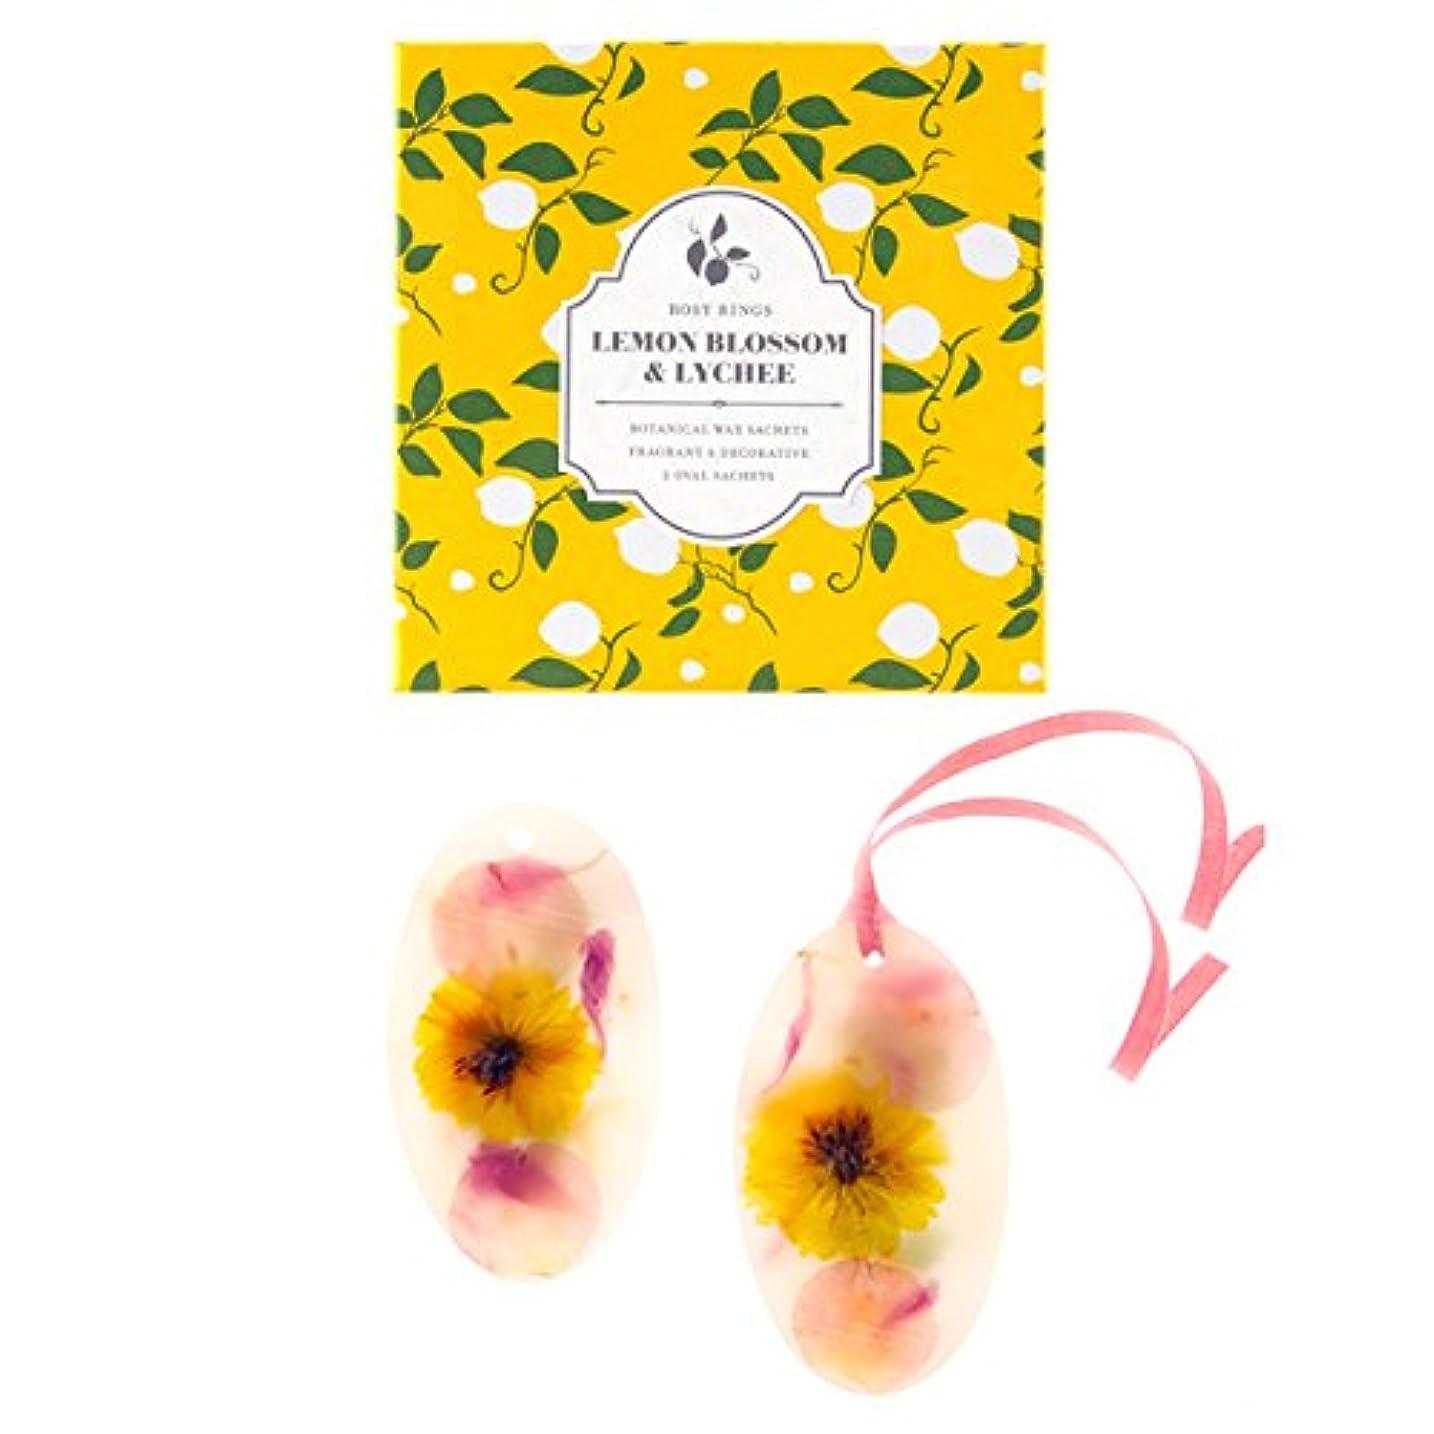 単調なデータムシロクマロージーリングス ボタニカルワックスサシェ オーバル レモンブロッサム&ライチ ROSY RINGS Signature Collection Botanical Wax Sachets – Lemon Blossom...